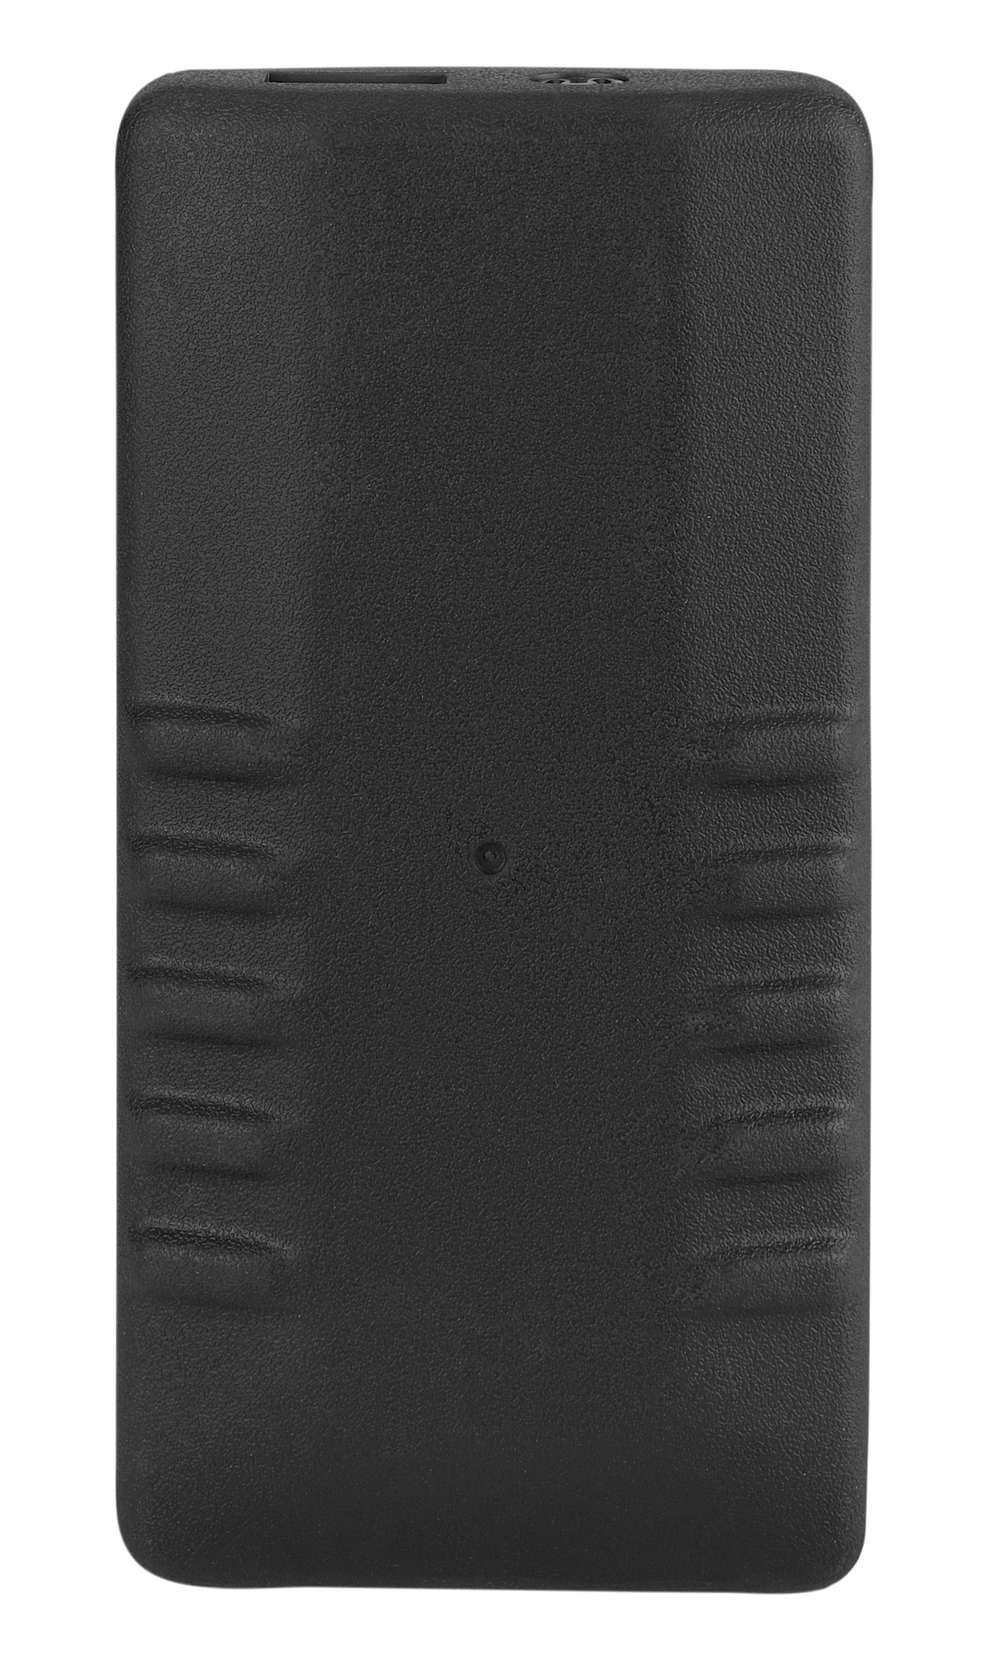 Tc700 indicator back no probe 12249